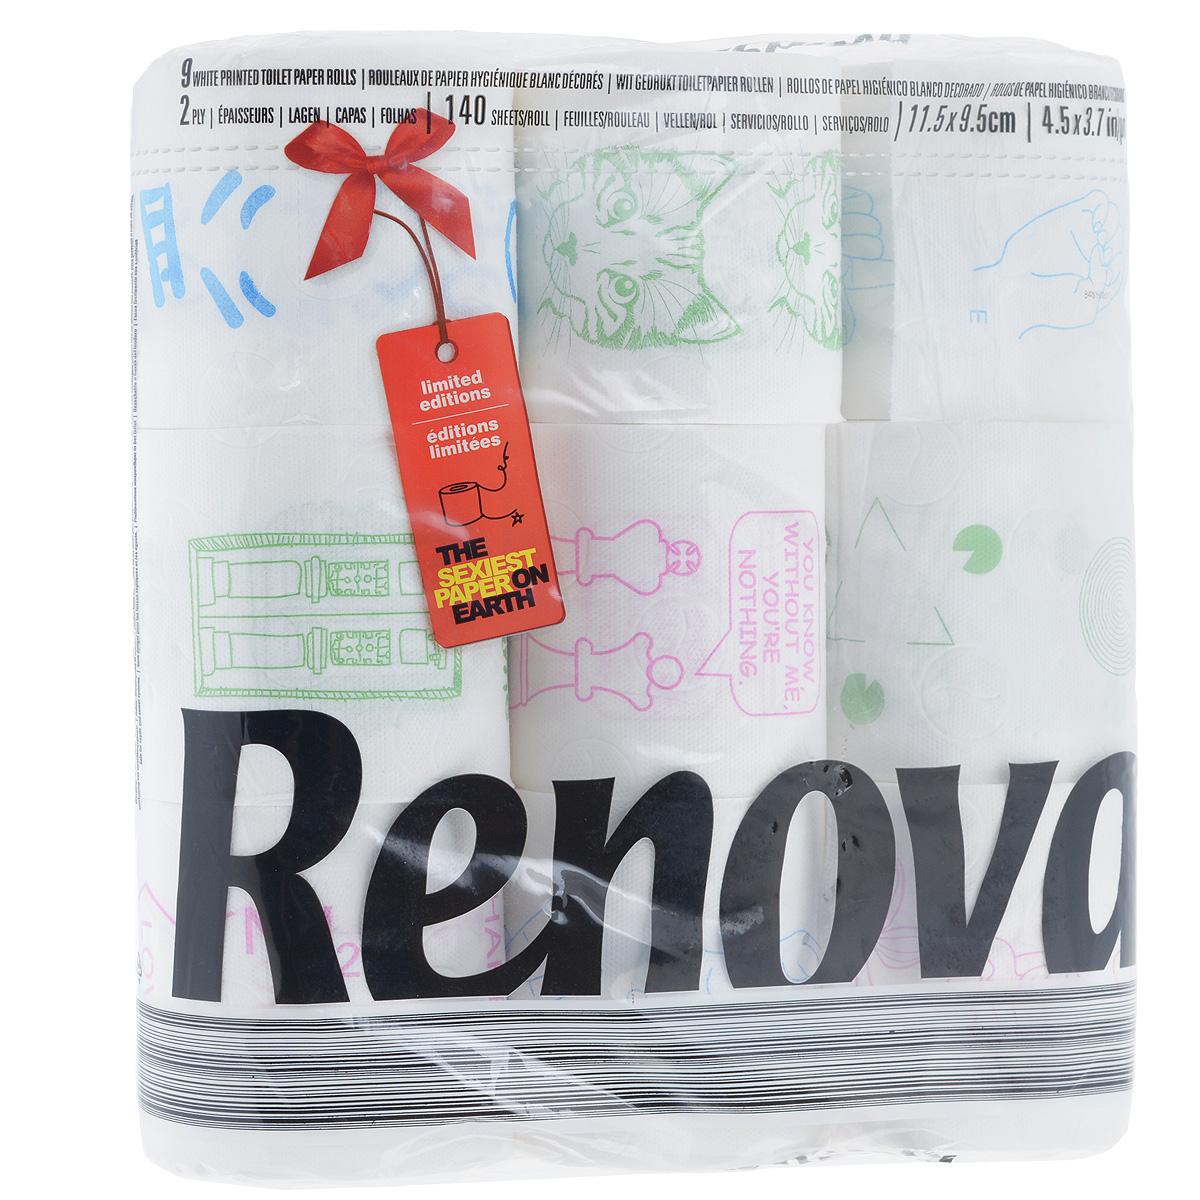 Туалетная бумага Renova Design, двухслойная, цвет: белый, 9 рулонов200063133Туалетная бумага Renova Design изготовлена по новейшей технологии из 100% целлюлозы, благодаря чему она очень мягкая, нежная, но в тоже время прочная. Перфорация надежно скрепляет слои бумаги. Туалетная бумага Renova Design сочетает в себе простоту и оригинальность. На каждом листе туалетной бумаге разное цветное изображение.Состав: 100% целлюлоза.Количество листов: 140 шт. Количество слоев: 2. Размер листа: 11,5 см х 9,5 см. Количество рулонов: 9 шт. Португальская компания Renova является ведущим разработчиком новейших технологий производства, нового стиля и направления на рынке гигиенической продукции.Современный дизайн и высочайшее качество, дерматологический контроль - это то, что выделяет компанию Renova среди других производителей бумажной санитарно-гигиенической продукции.